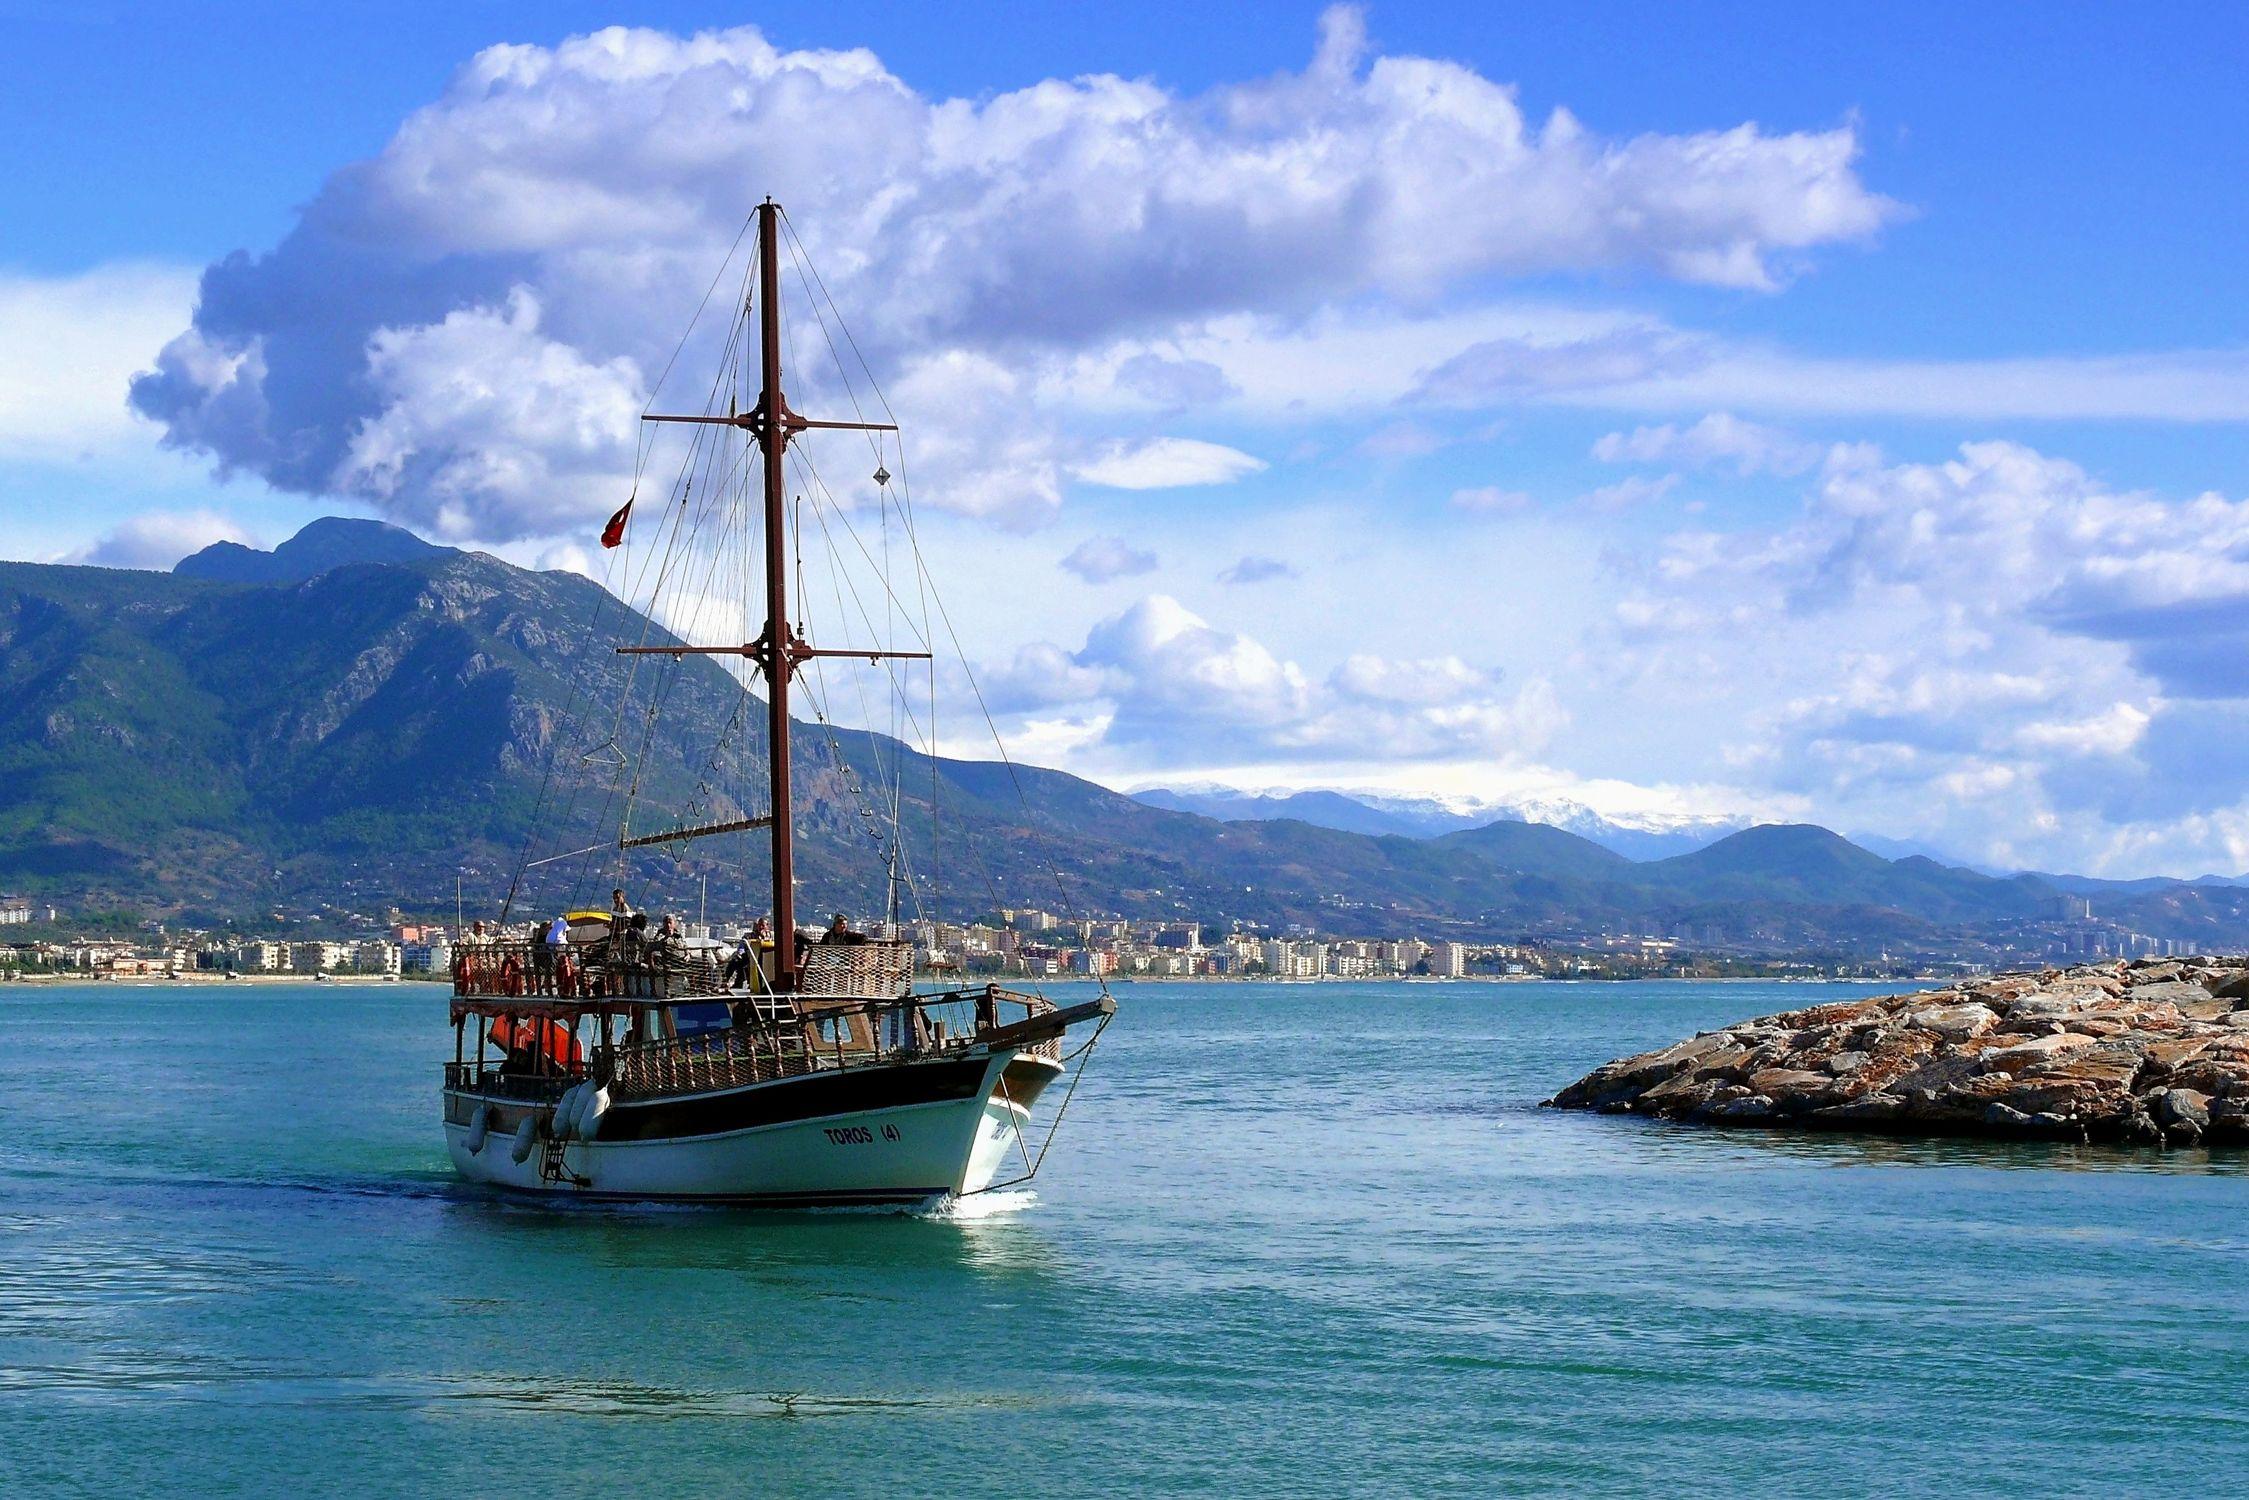 Bild mit Gewässer, Segelboote, Schiffe, Segelboot, Ostsee, Schiff, boot, Meer, Boote, Schifffahrt